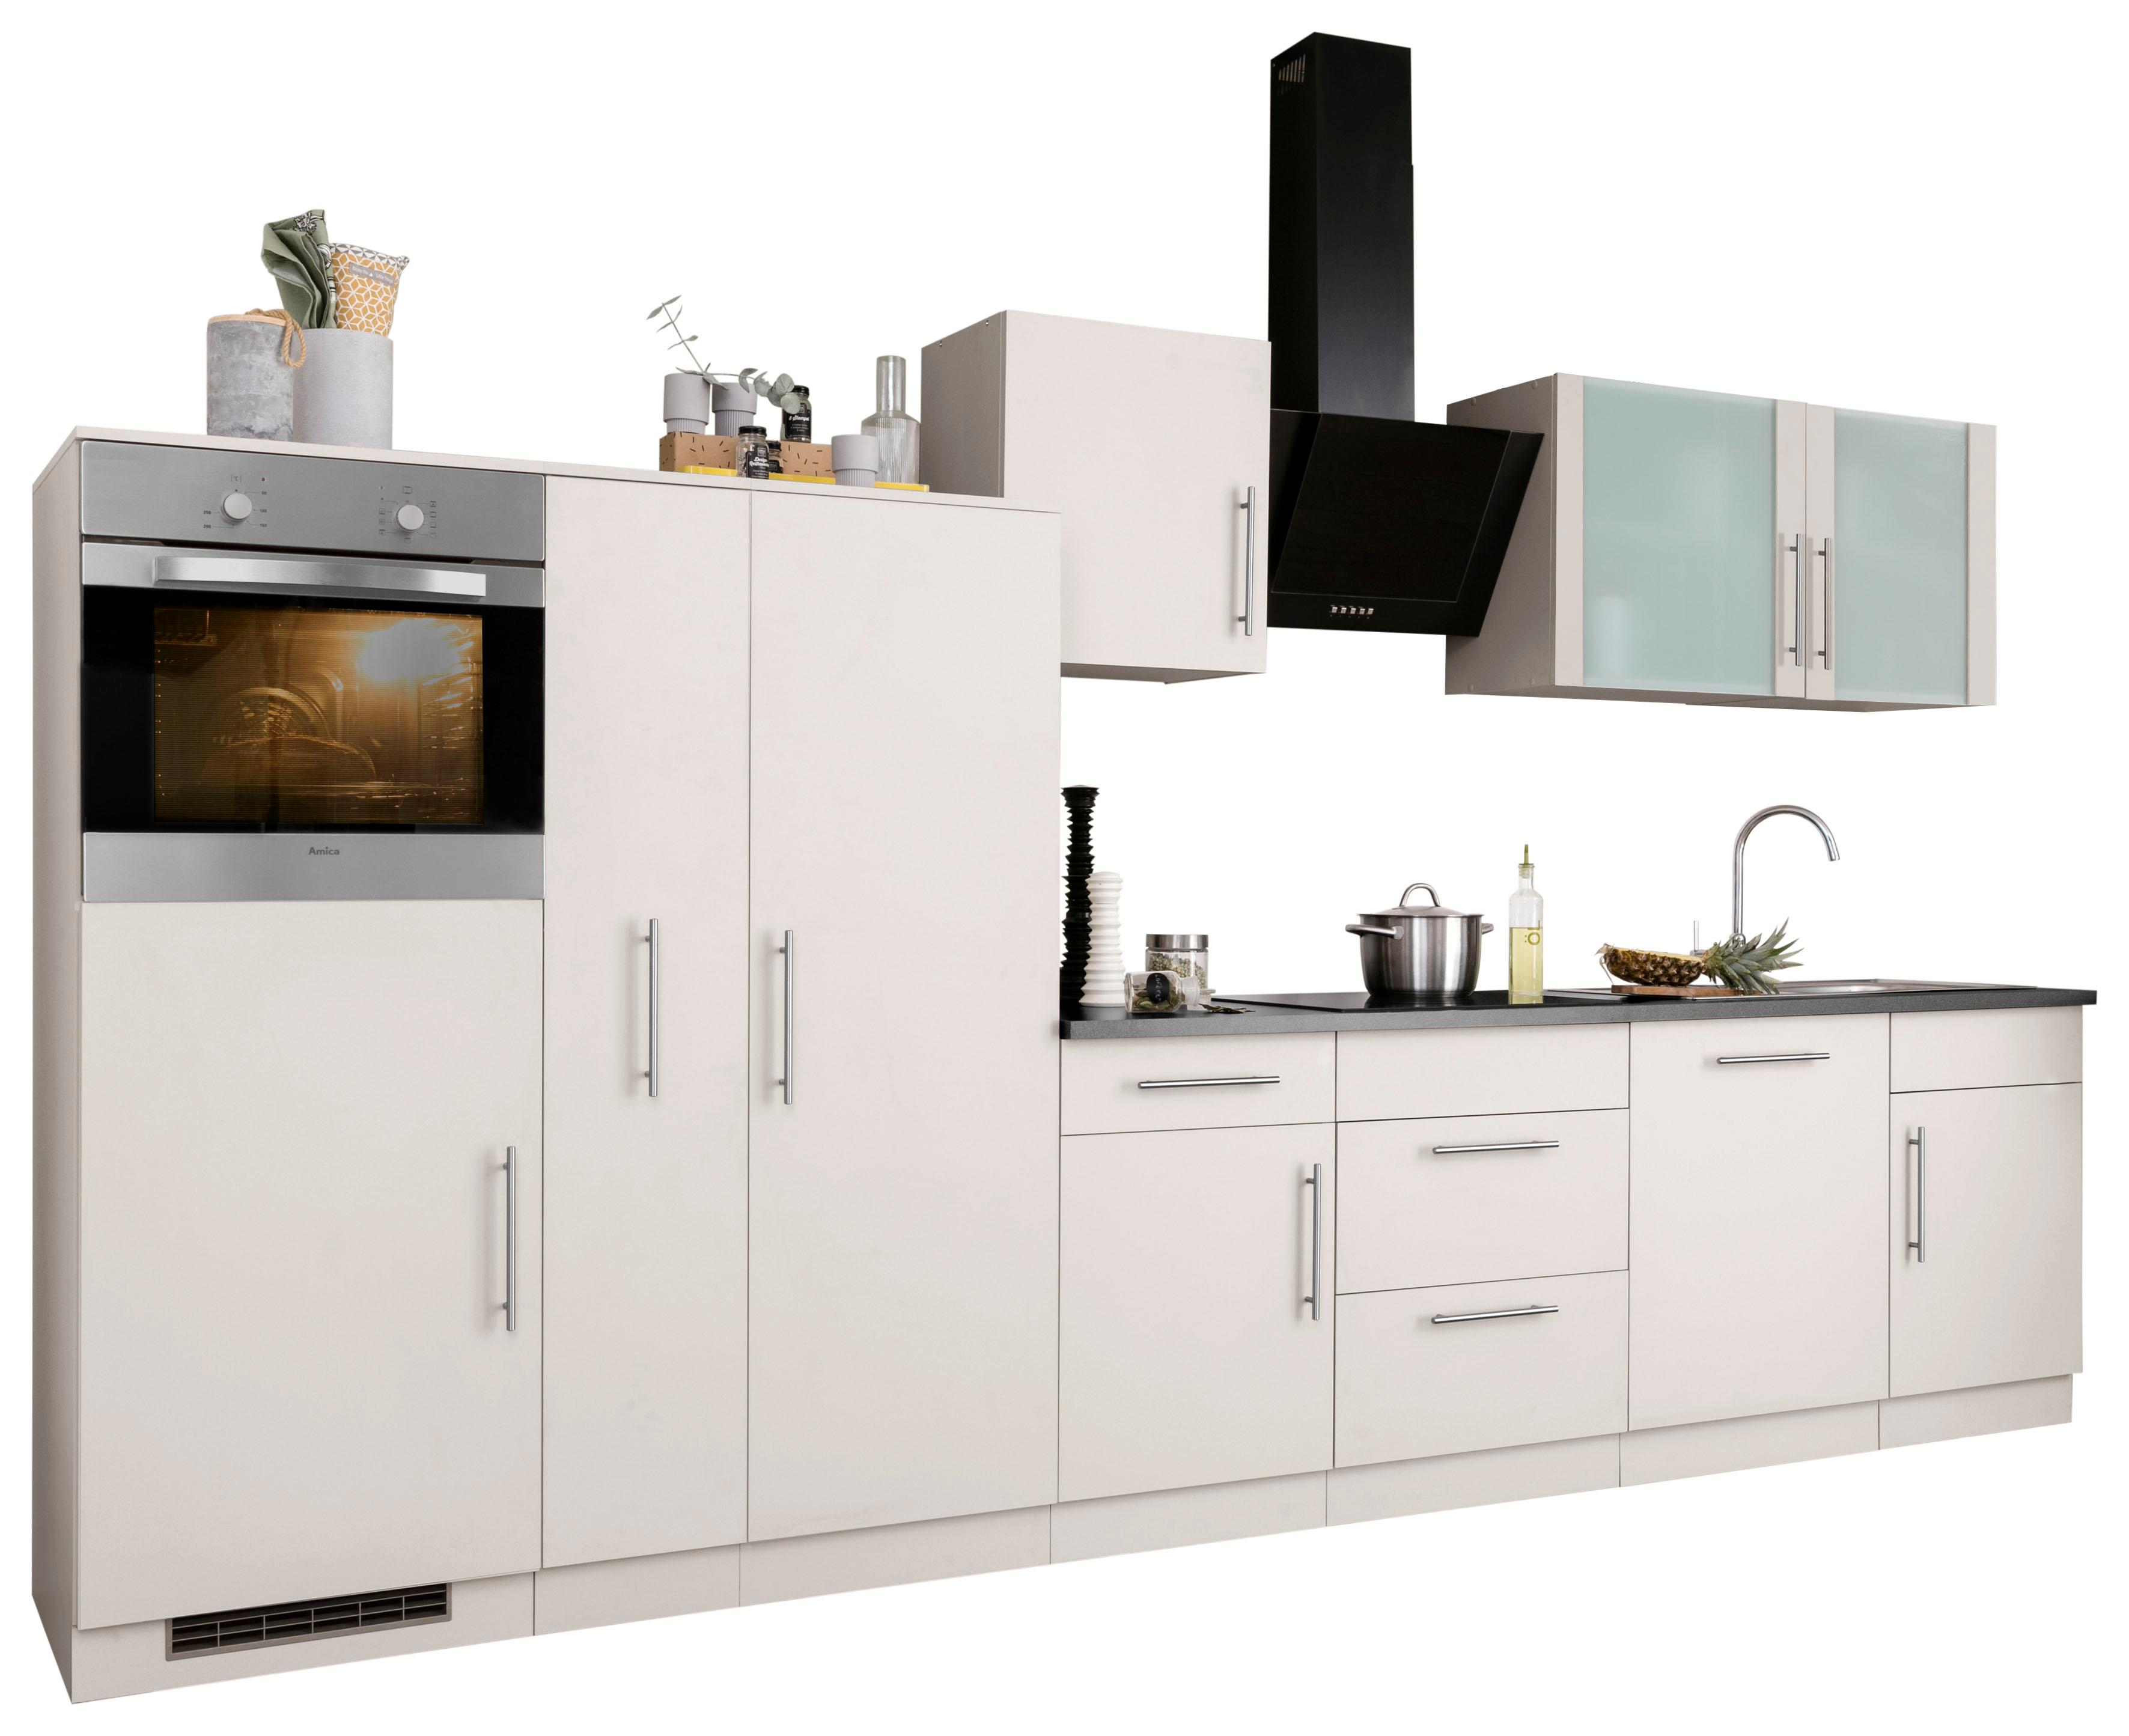 WIHO-Küchen Küchenzeile Cali mit E-Geräten Breite 360 cm Preisvergleich